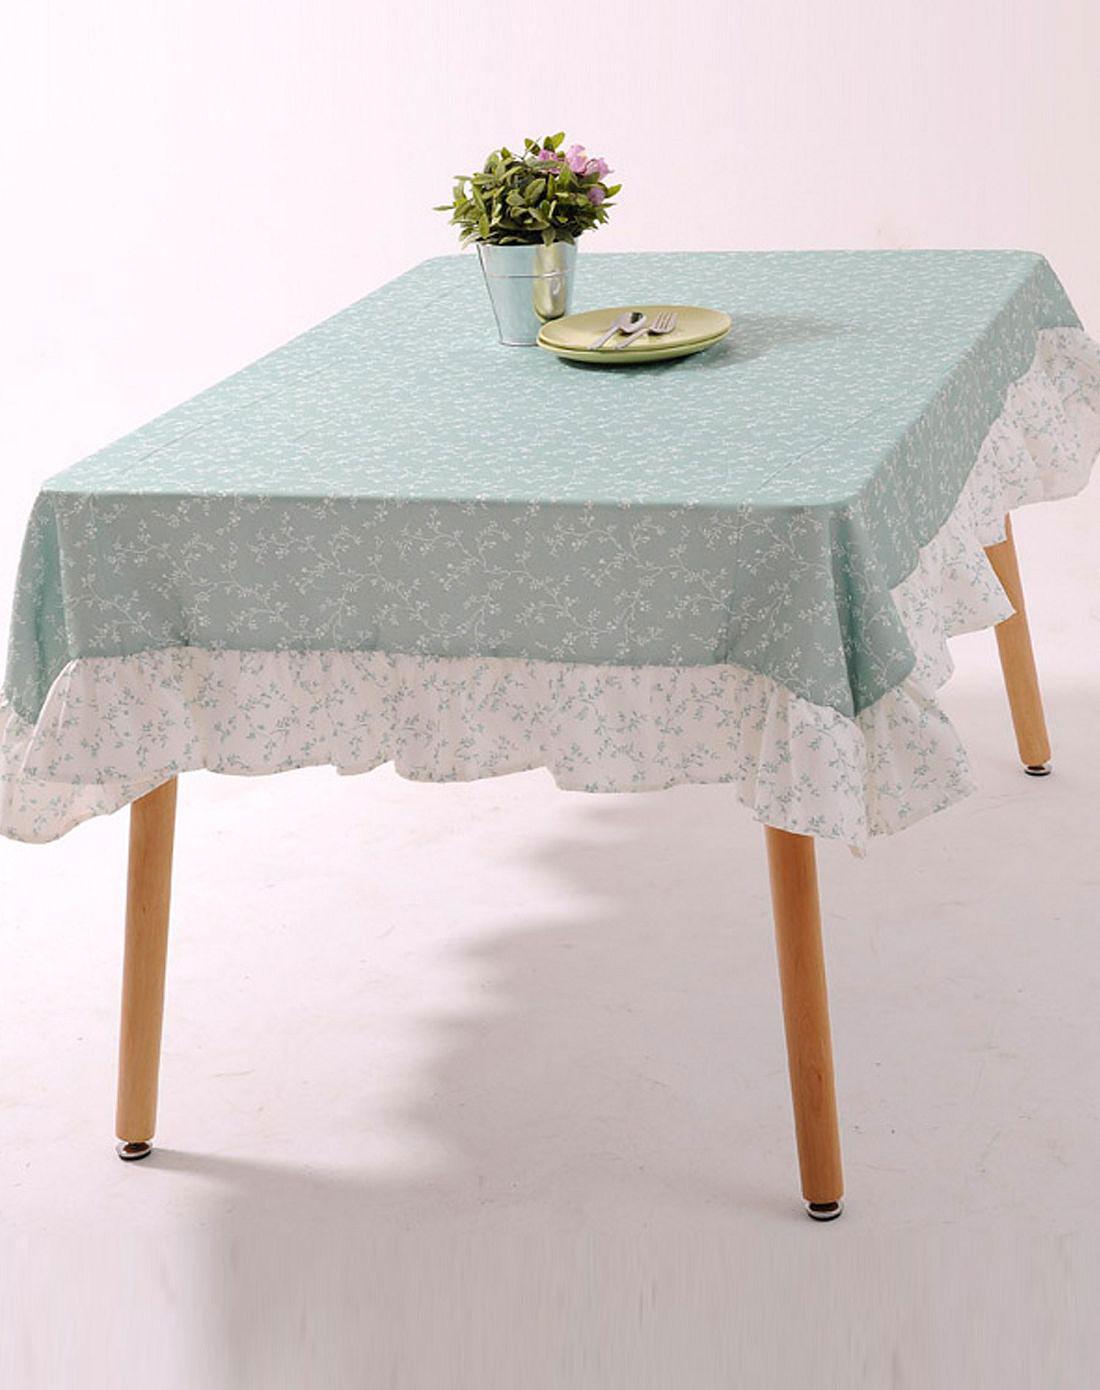 布 茶几 家具 台布 桌布 桌子 1100_1390 竖版 竖屏